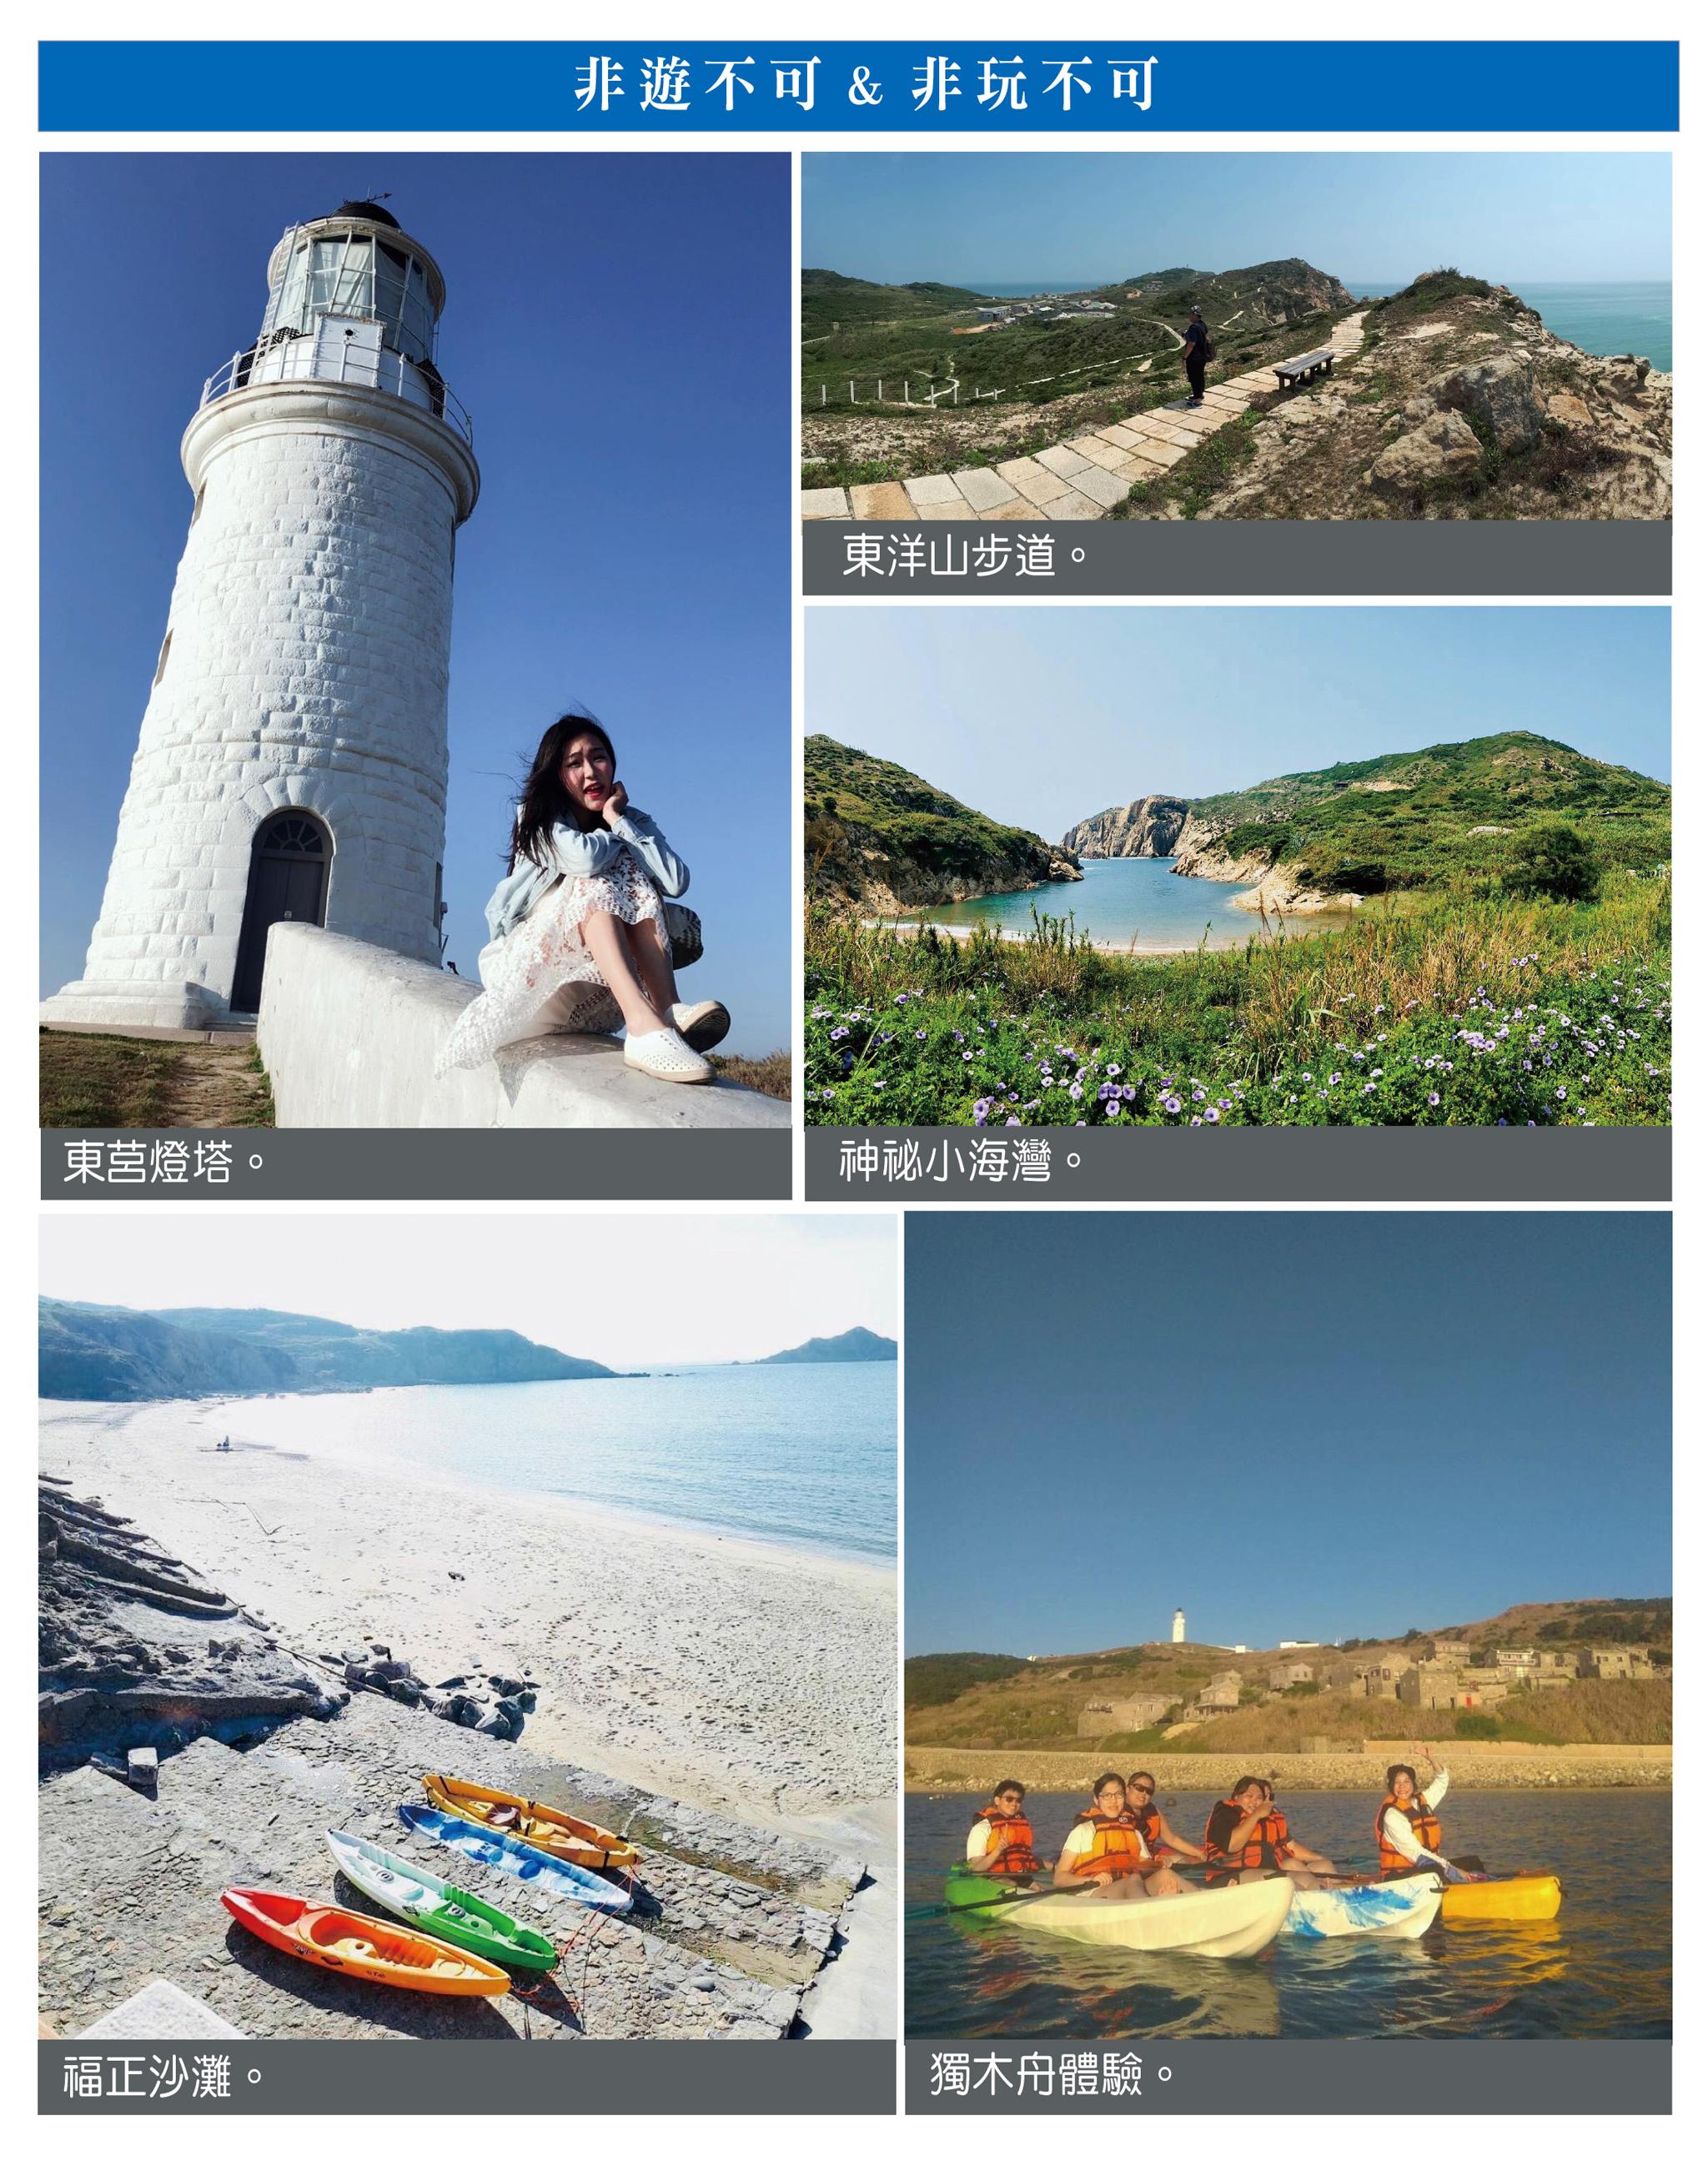 非遊不可&非玩不可:東莒燈塔(左上)、東洋山步道(右上)、神祕小海灣(右中)、福正沙灘(左下)、獨木舟體驗(右下)。